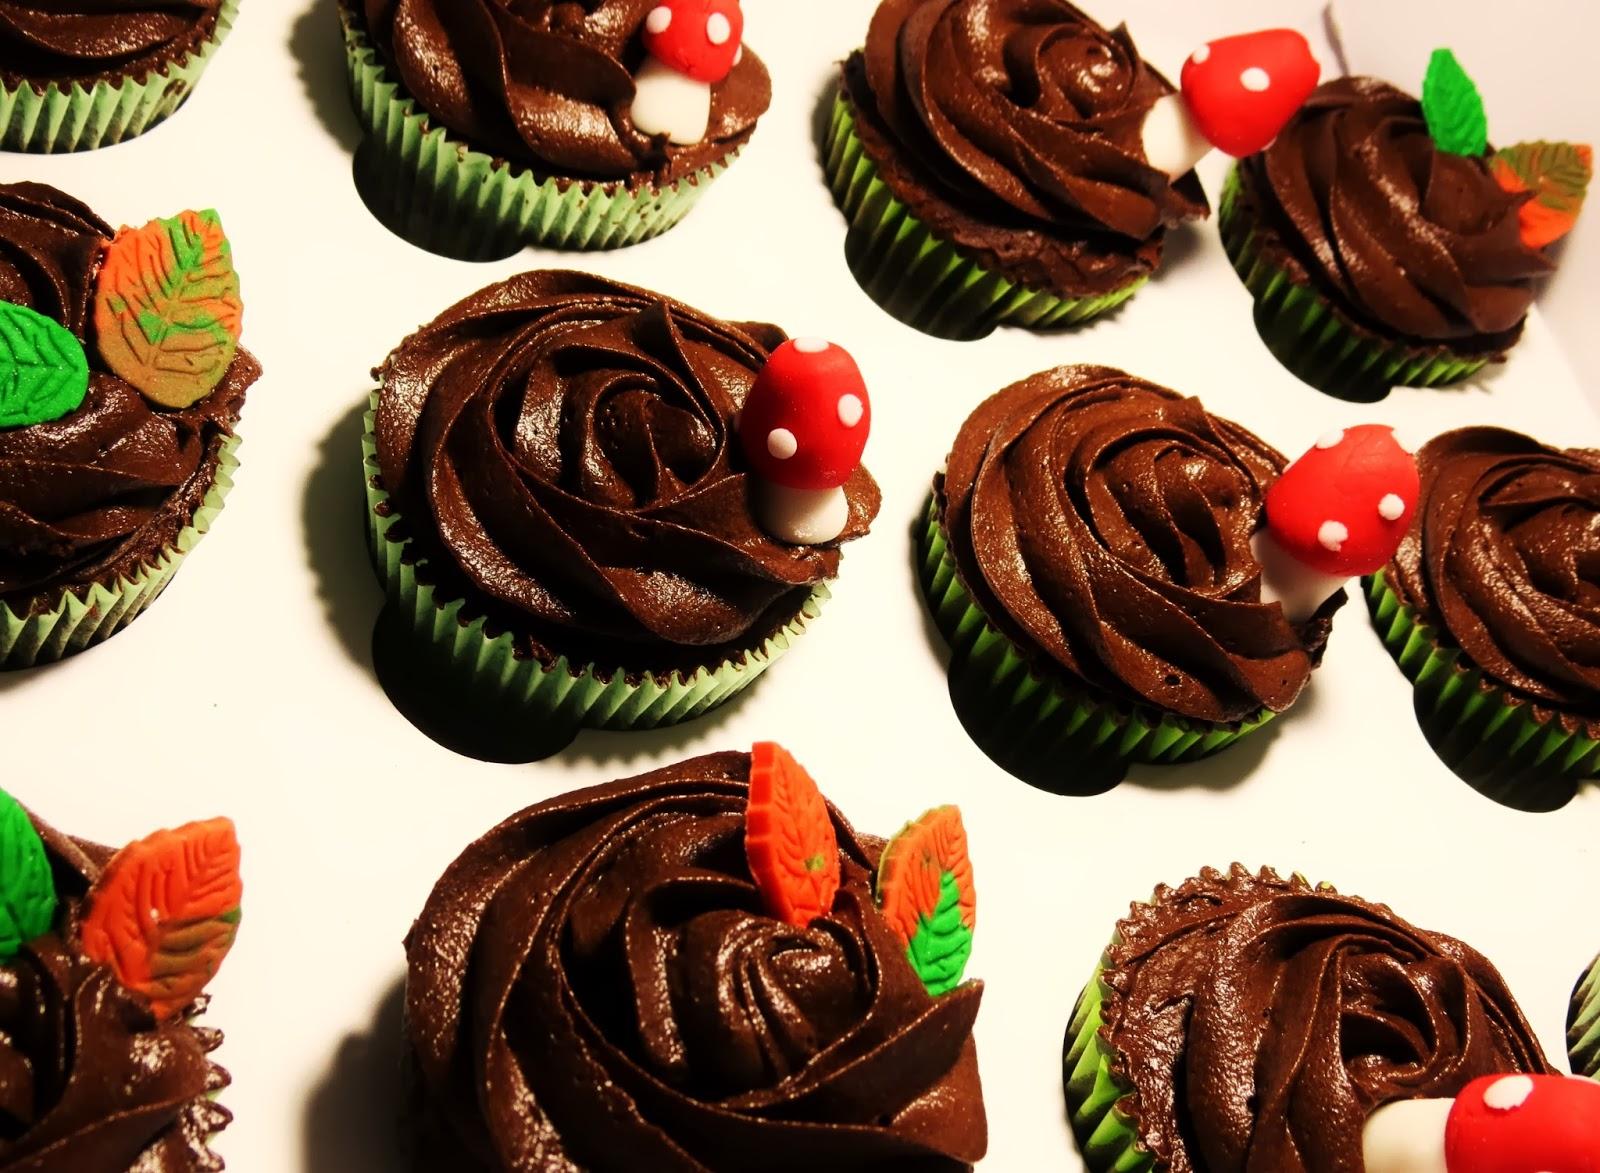 Cupcake de xocolata, El teu cupcake, Lleida, Cupcakes de tardor